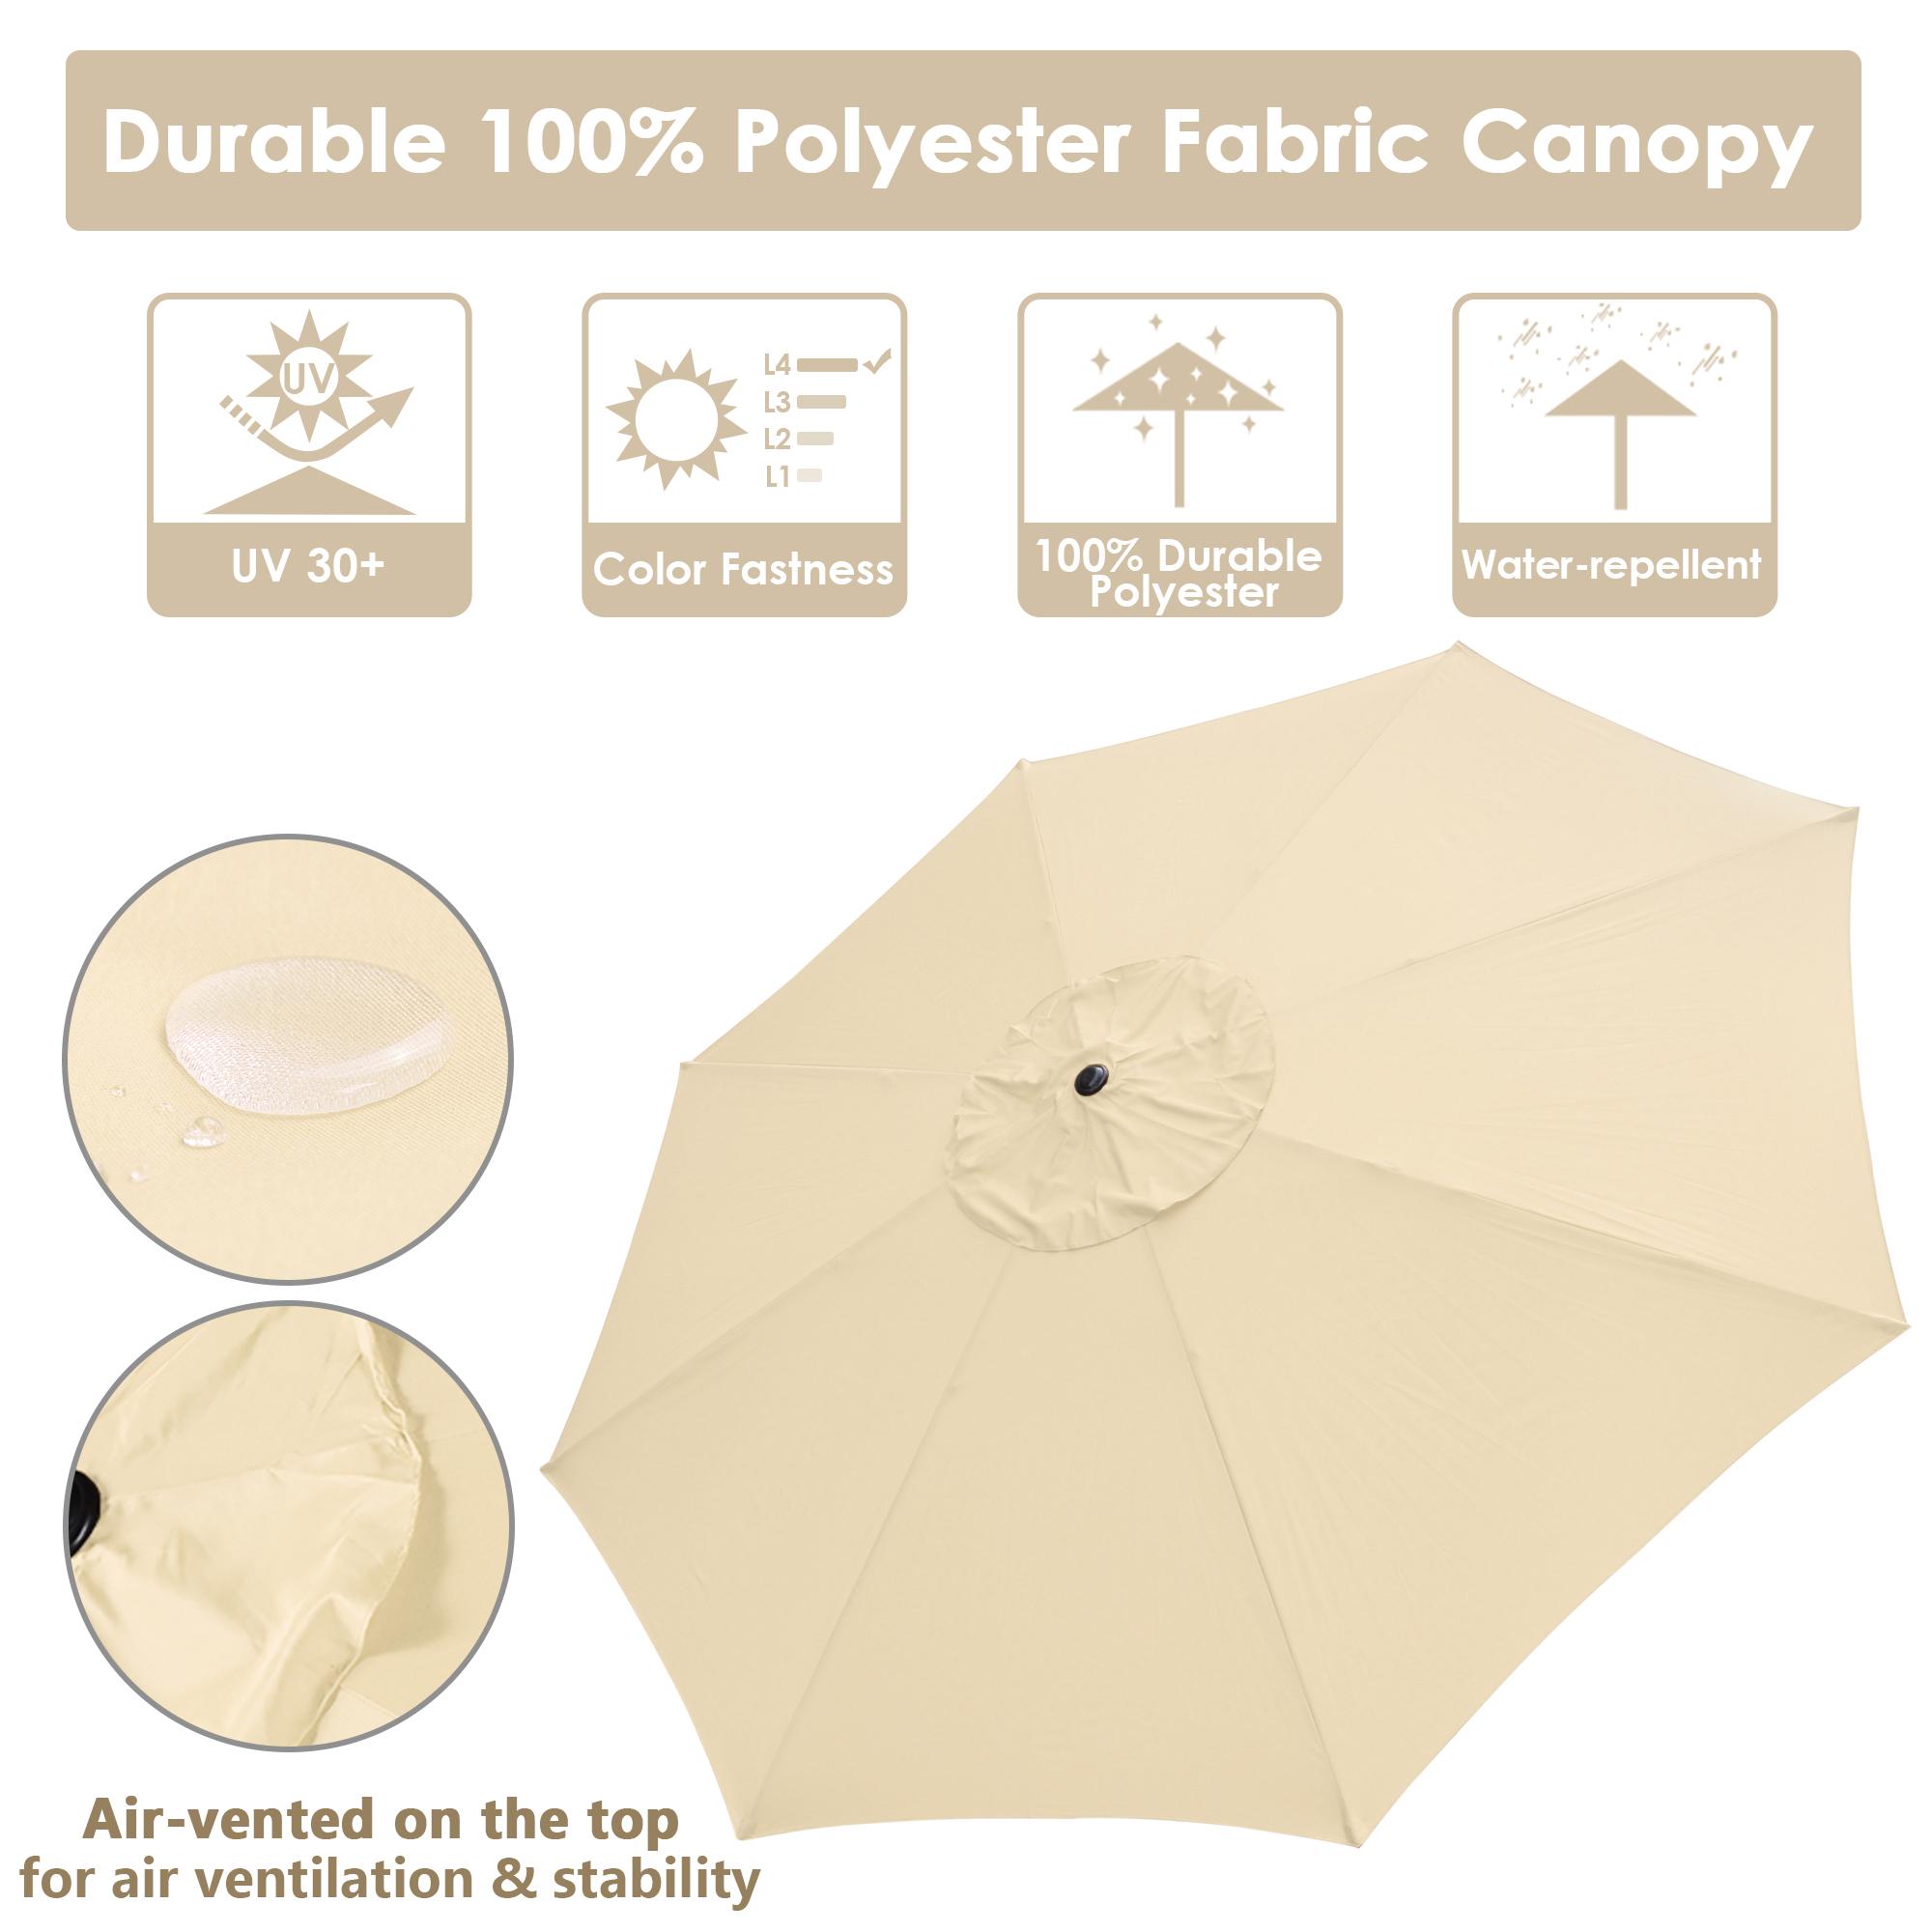 thumbnail 28 - 13' FT Sun Shade Patio Aluminum Umbrella UV30+ Outdoor Market Garden Beach Deck